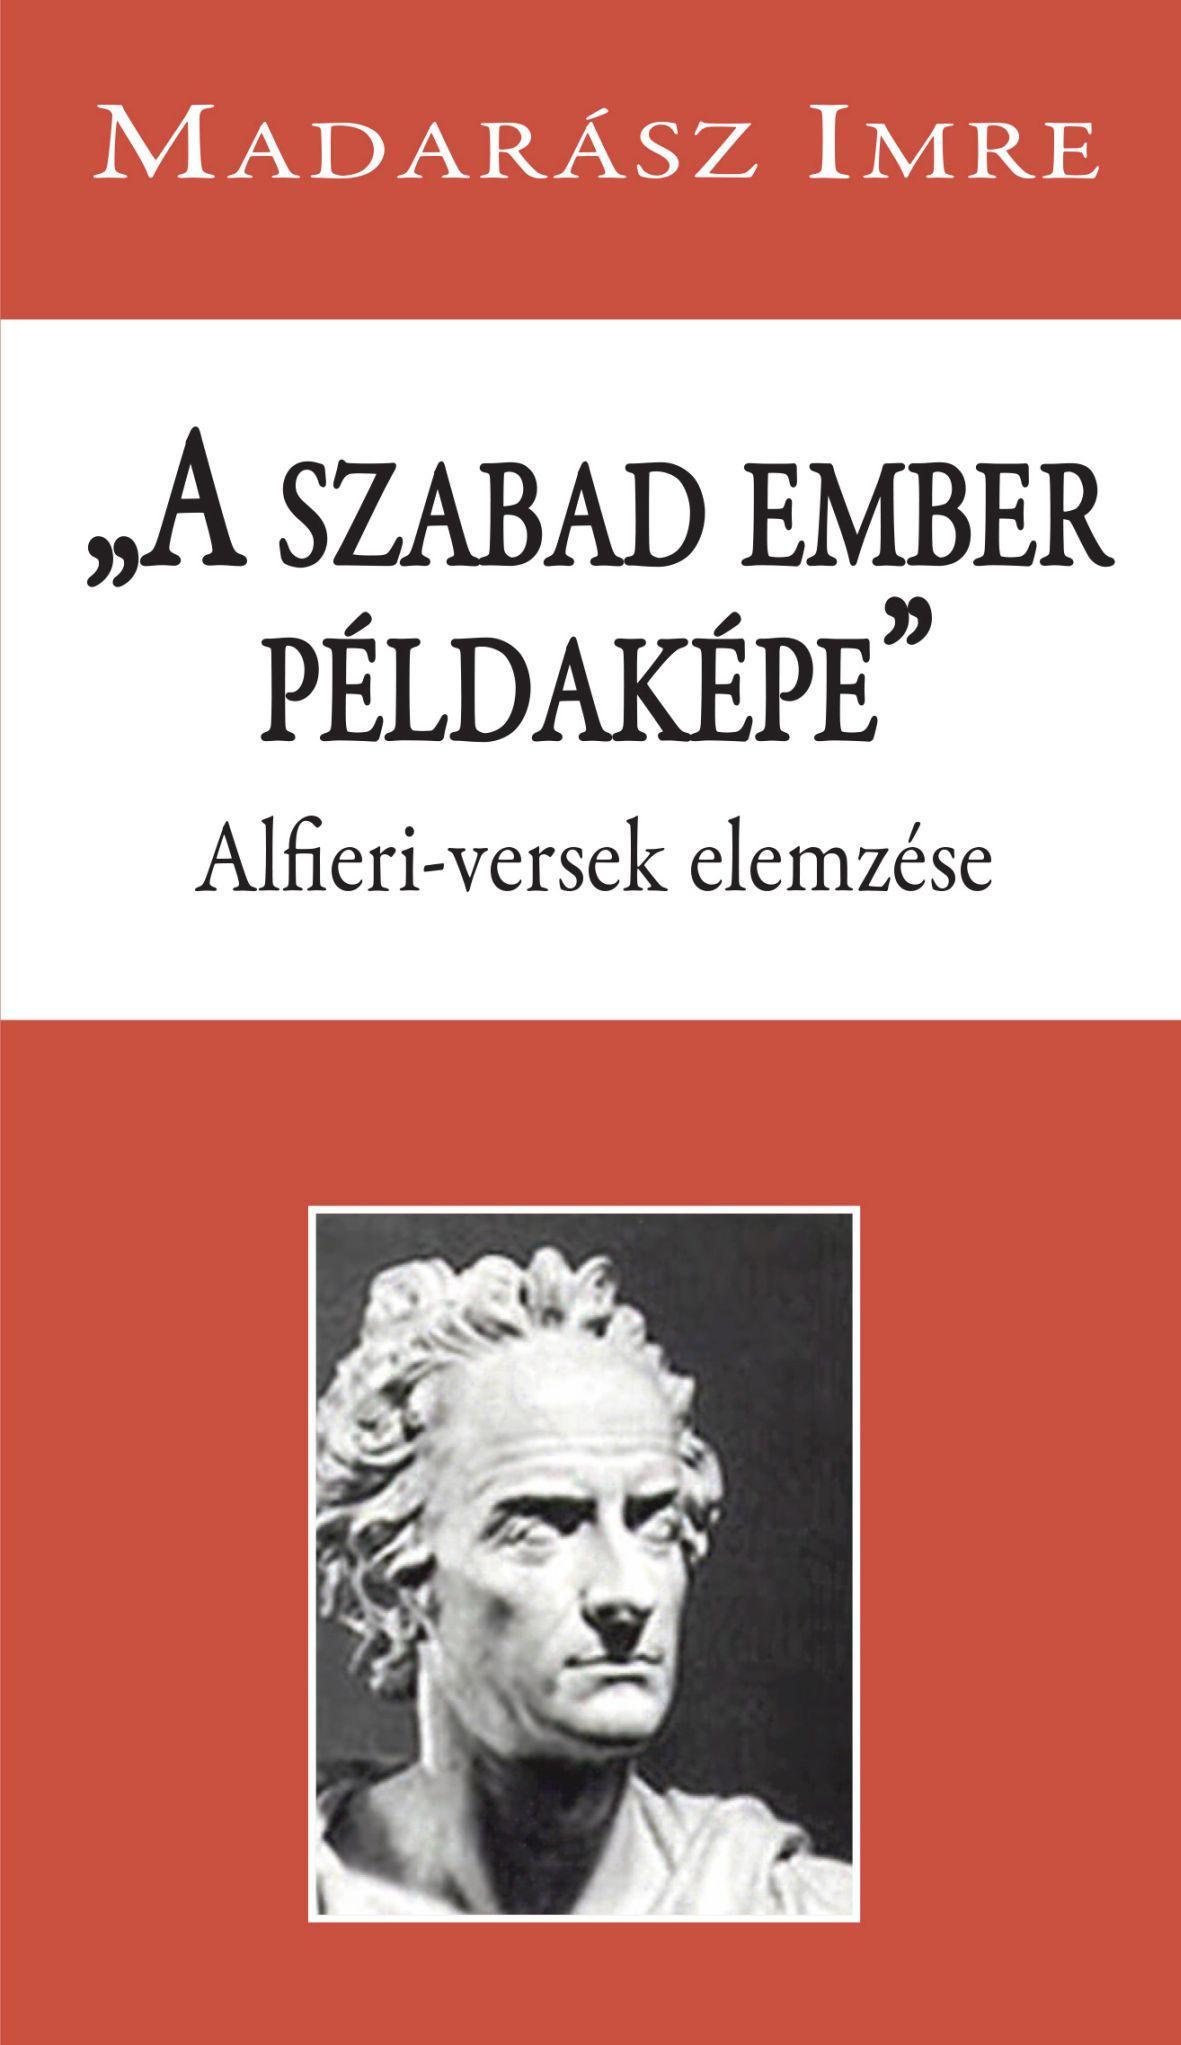 A SZABAD EMBER PÉLDAKÉPE - ÜKH 2018